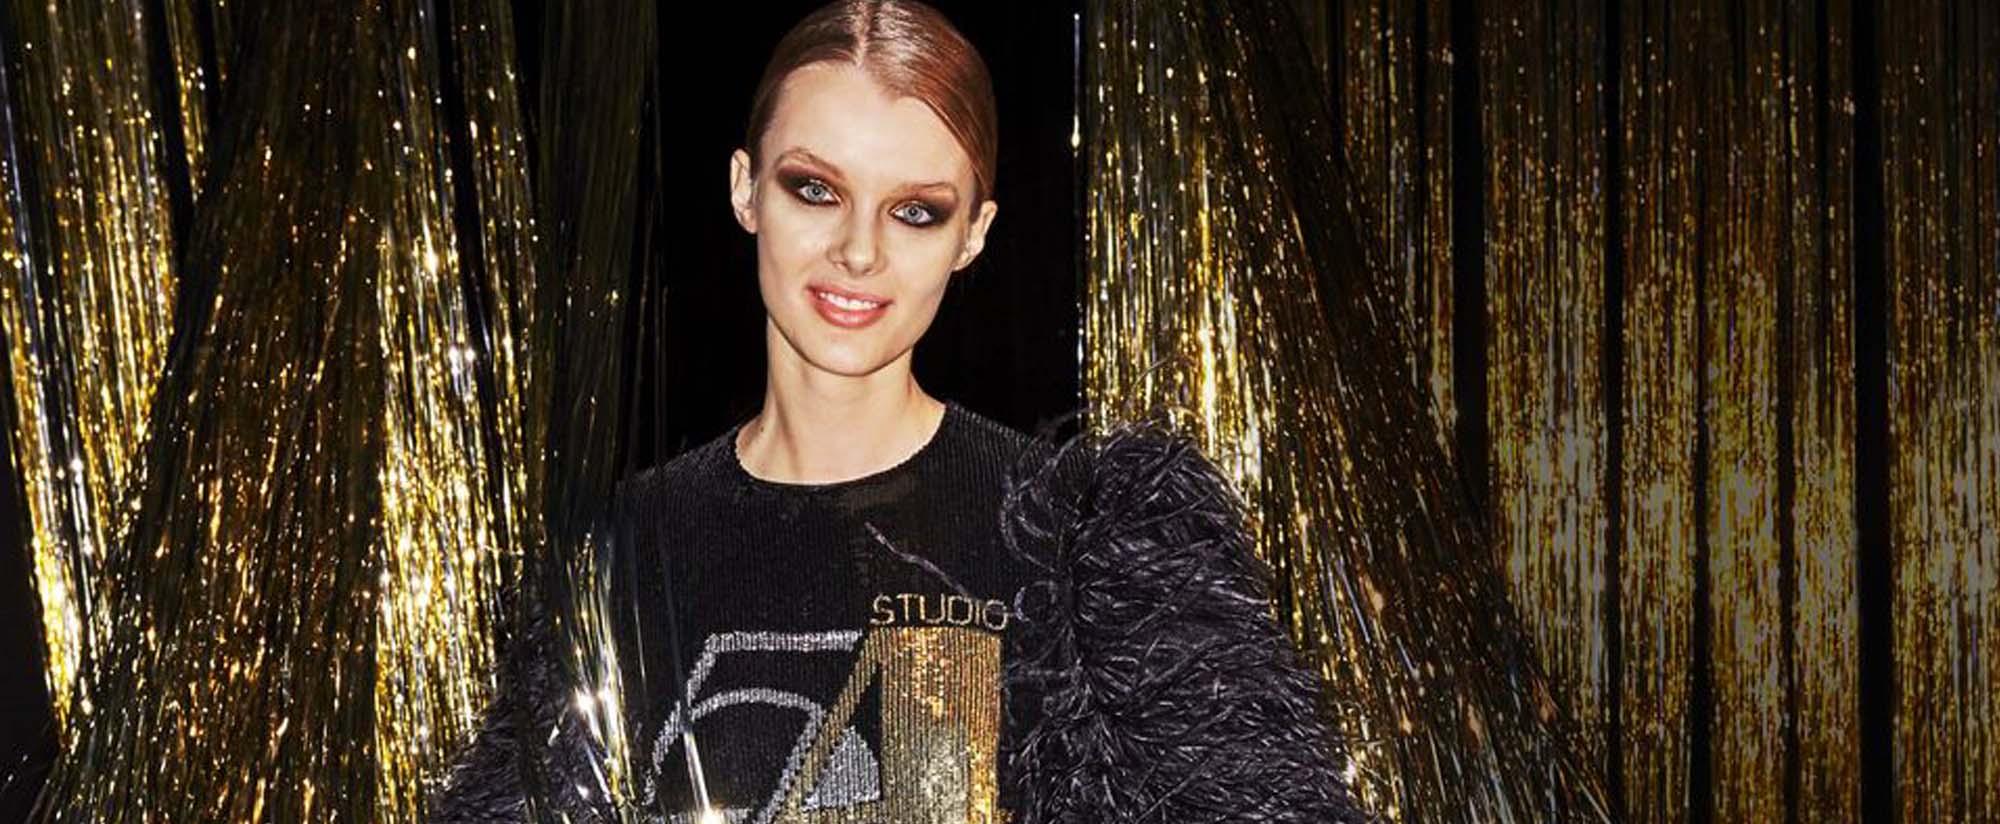 Fashion Israel, מייקל קורס, אופנה, מגזין אופנה, חדשות אופנה, כתבות אופנה -1